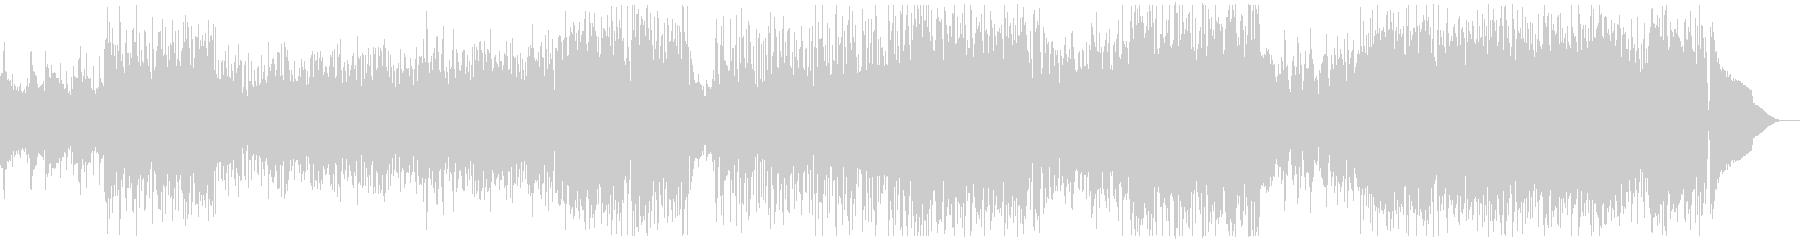 ケルト要素の入ったアコースティックロックの未再生の波形